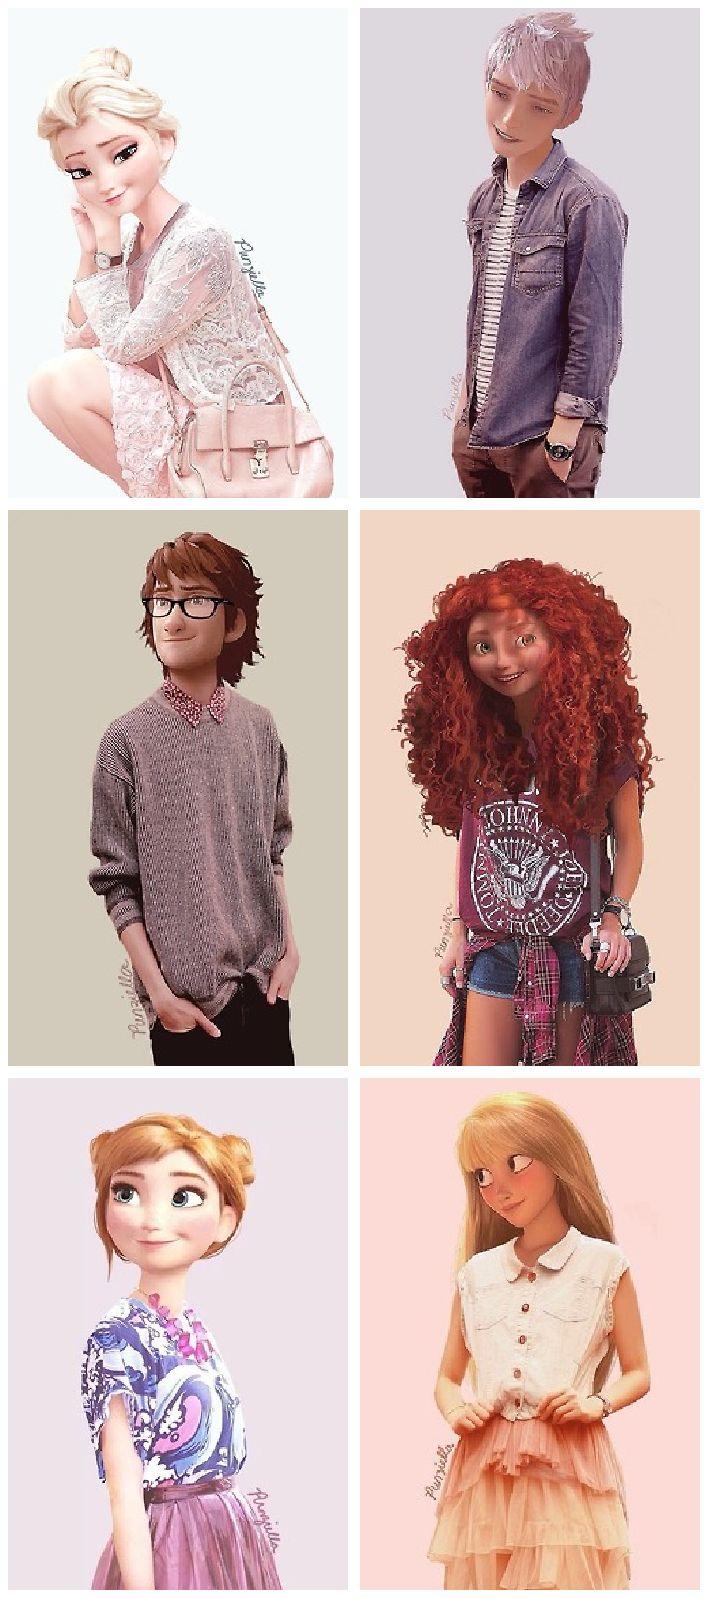 Como seriam alguns personagens da Disney na atualidade adolescente? Confiram!